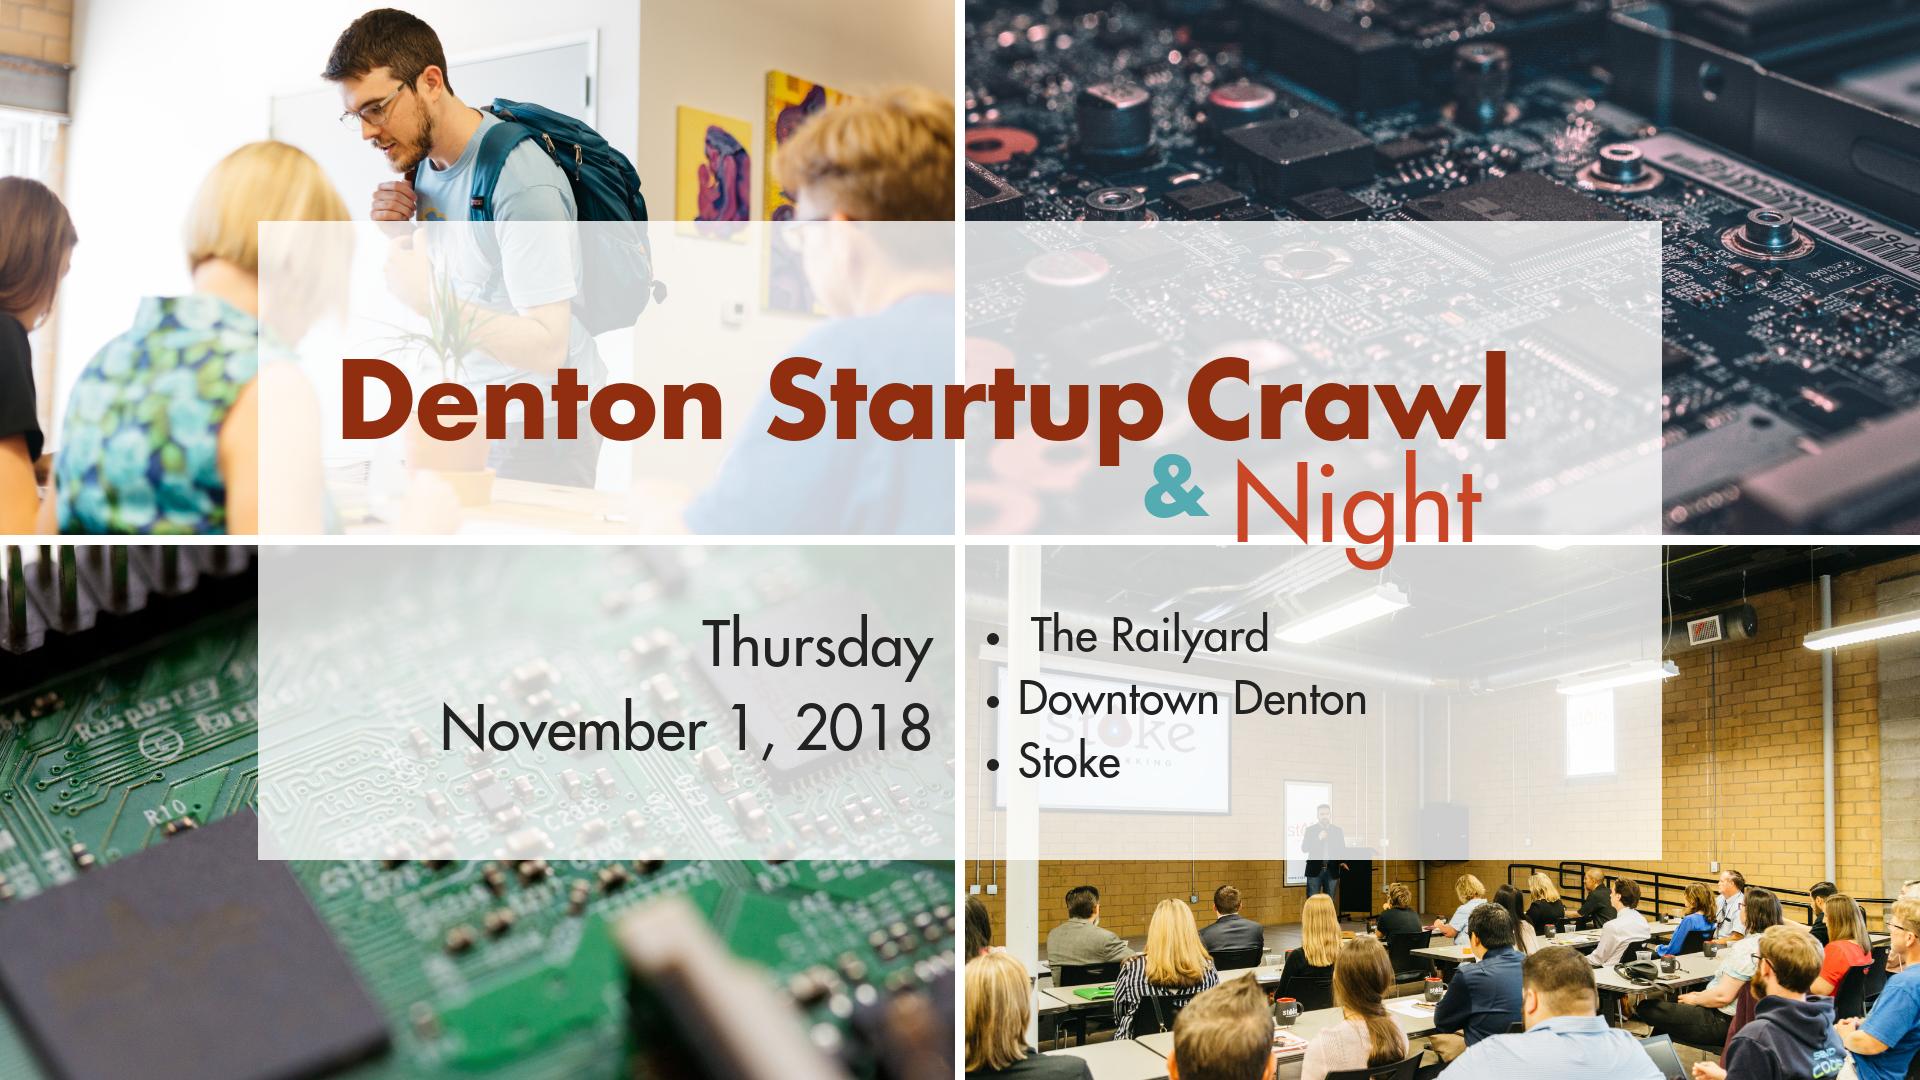 Denton Startup Crawl & Night.png